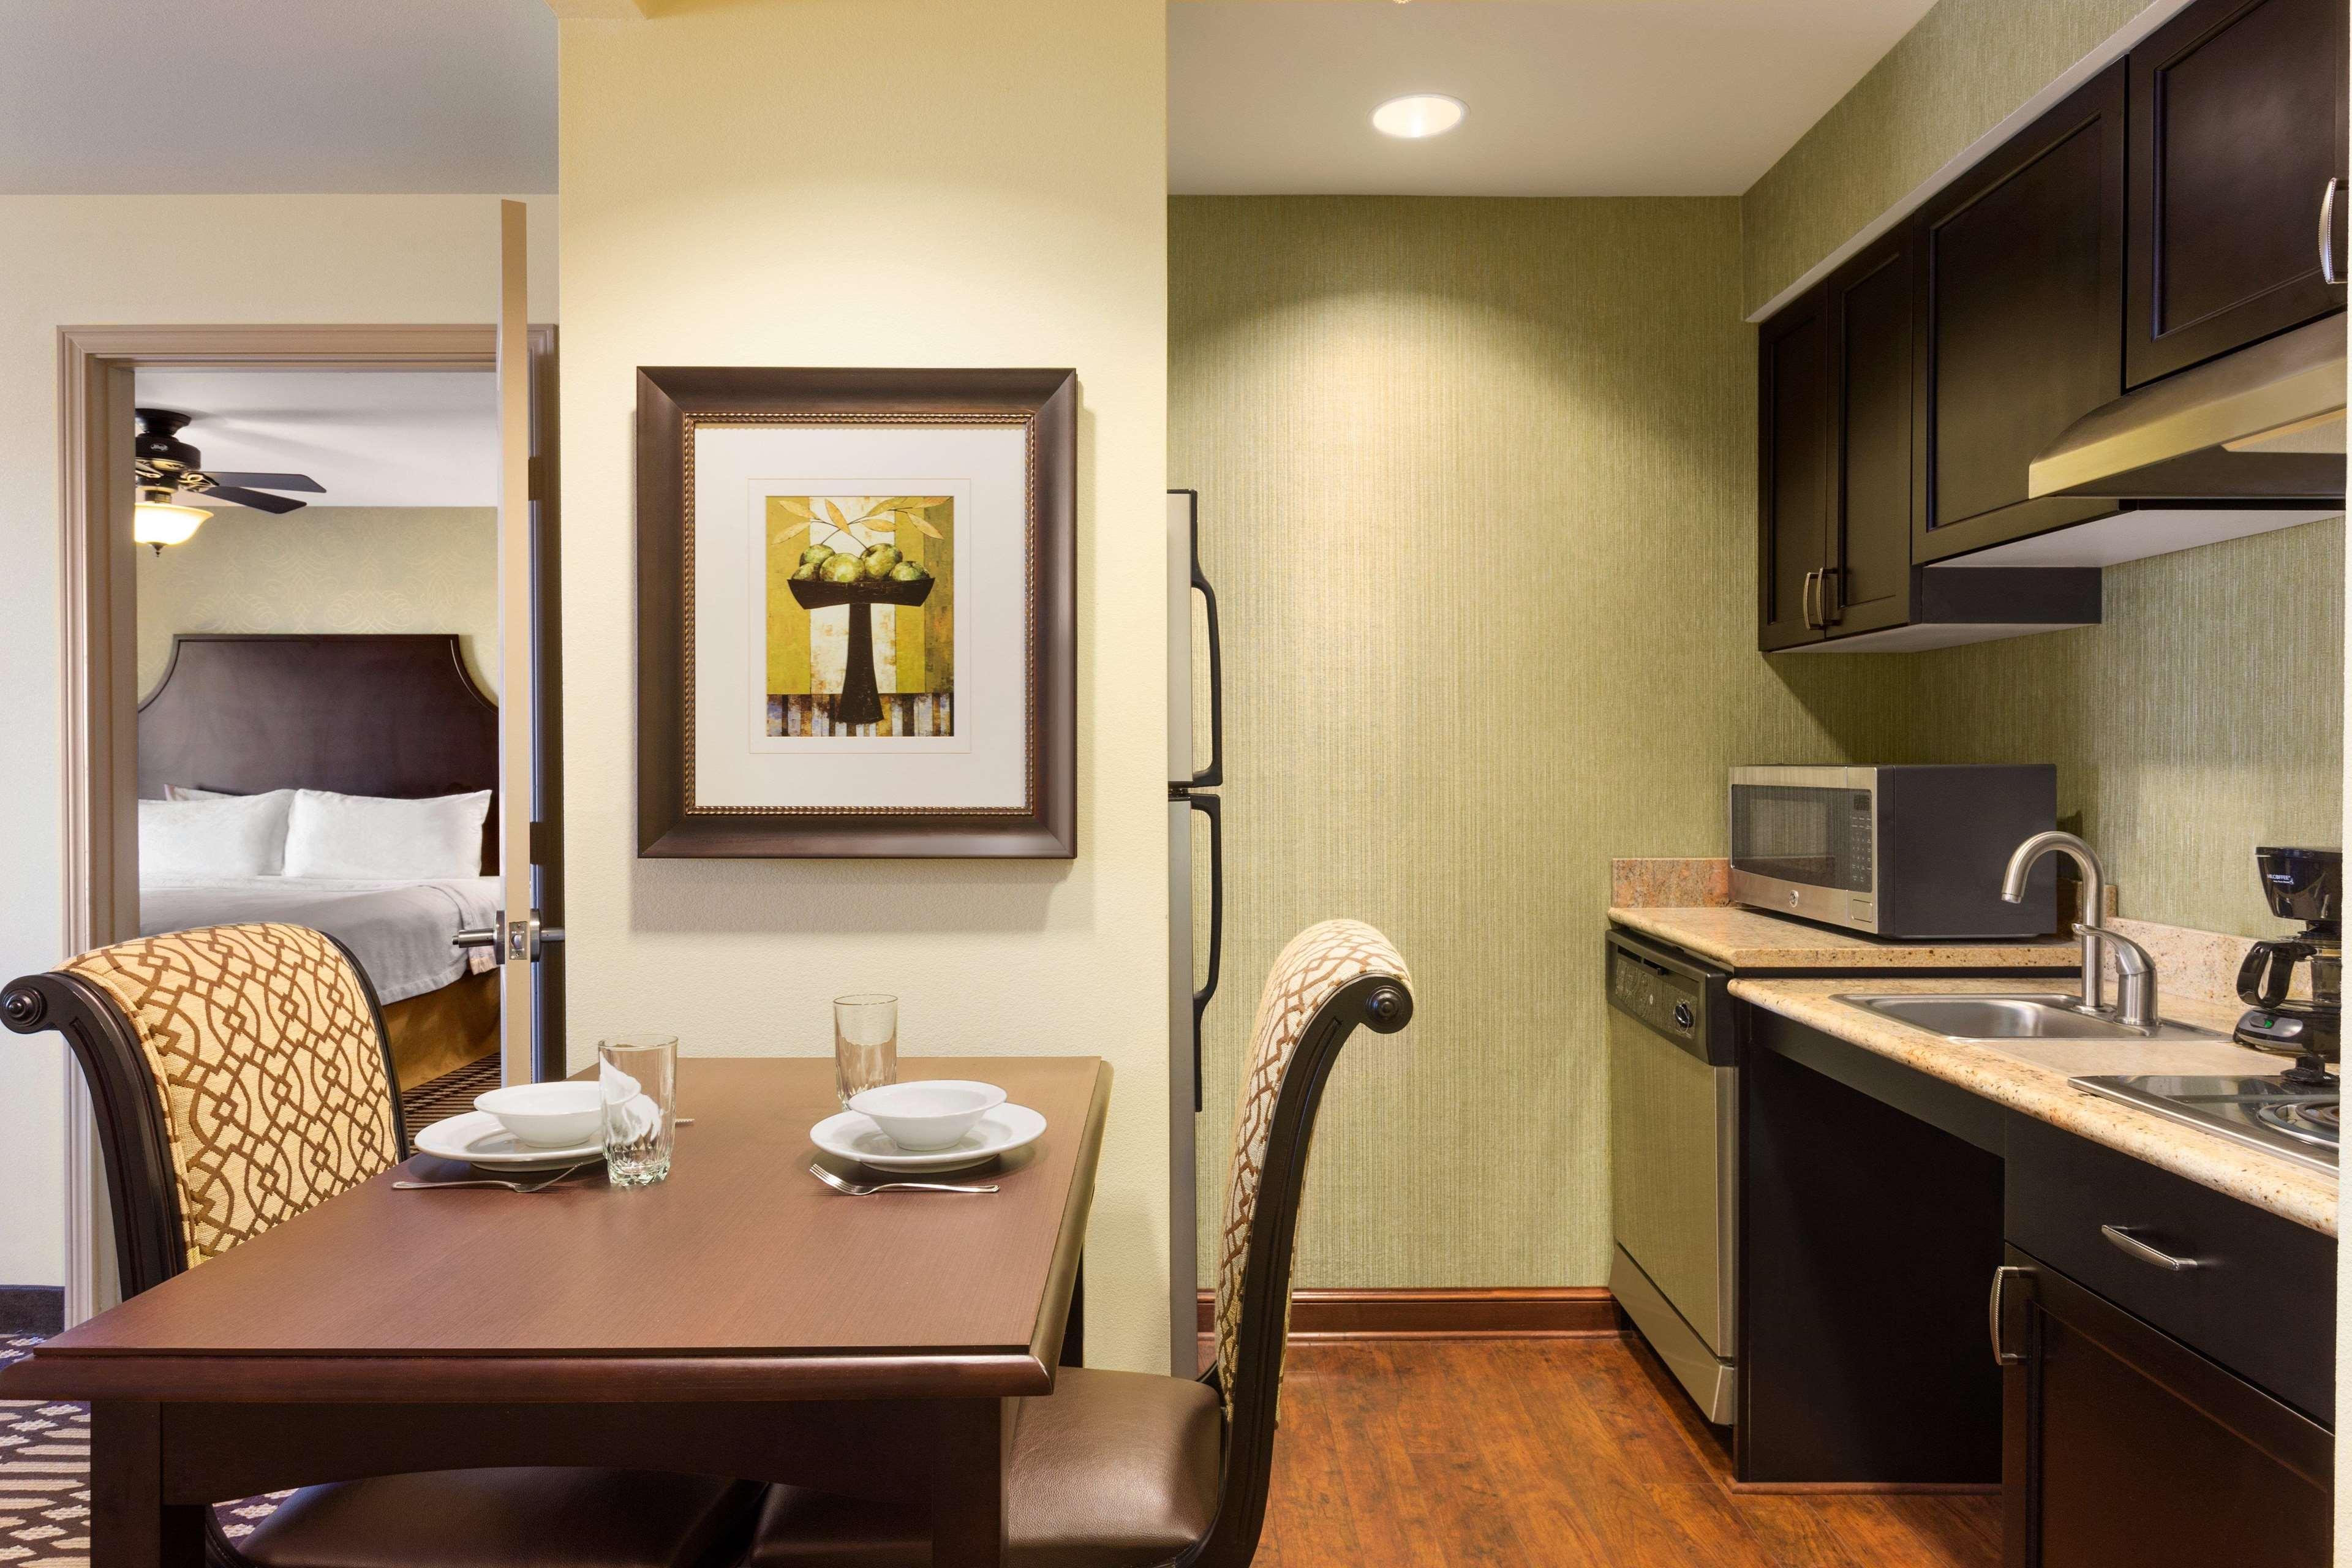 Homewood Suites by Hilton Lafayette-Airport, LA image 21